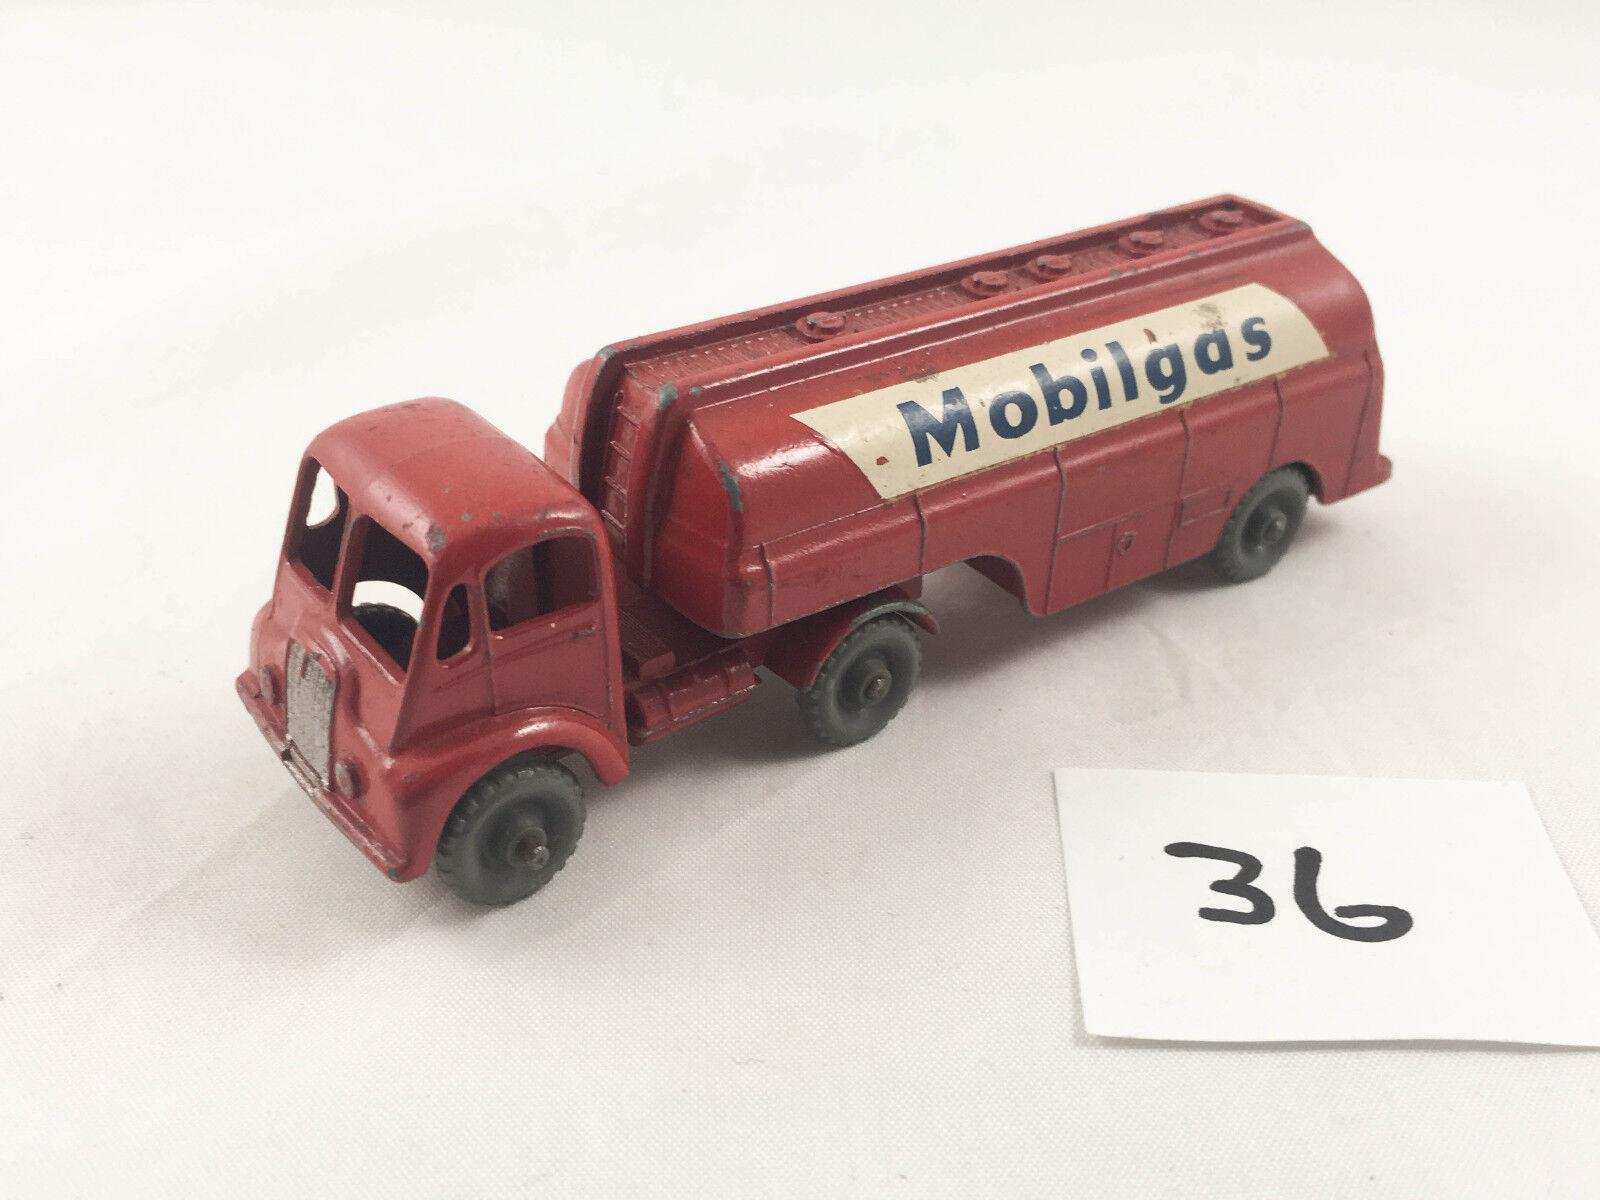 VINTAGE MATCHBOX MAJOR KING SIZE M-8 THORNEYCROFT PETROL TANKER (MOBILGAS) 1960